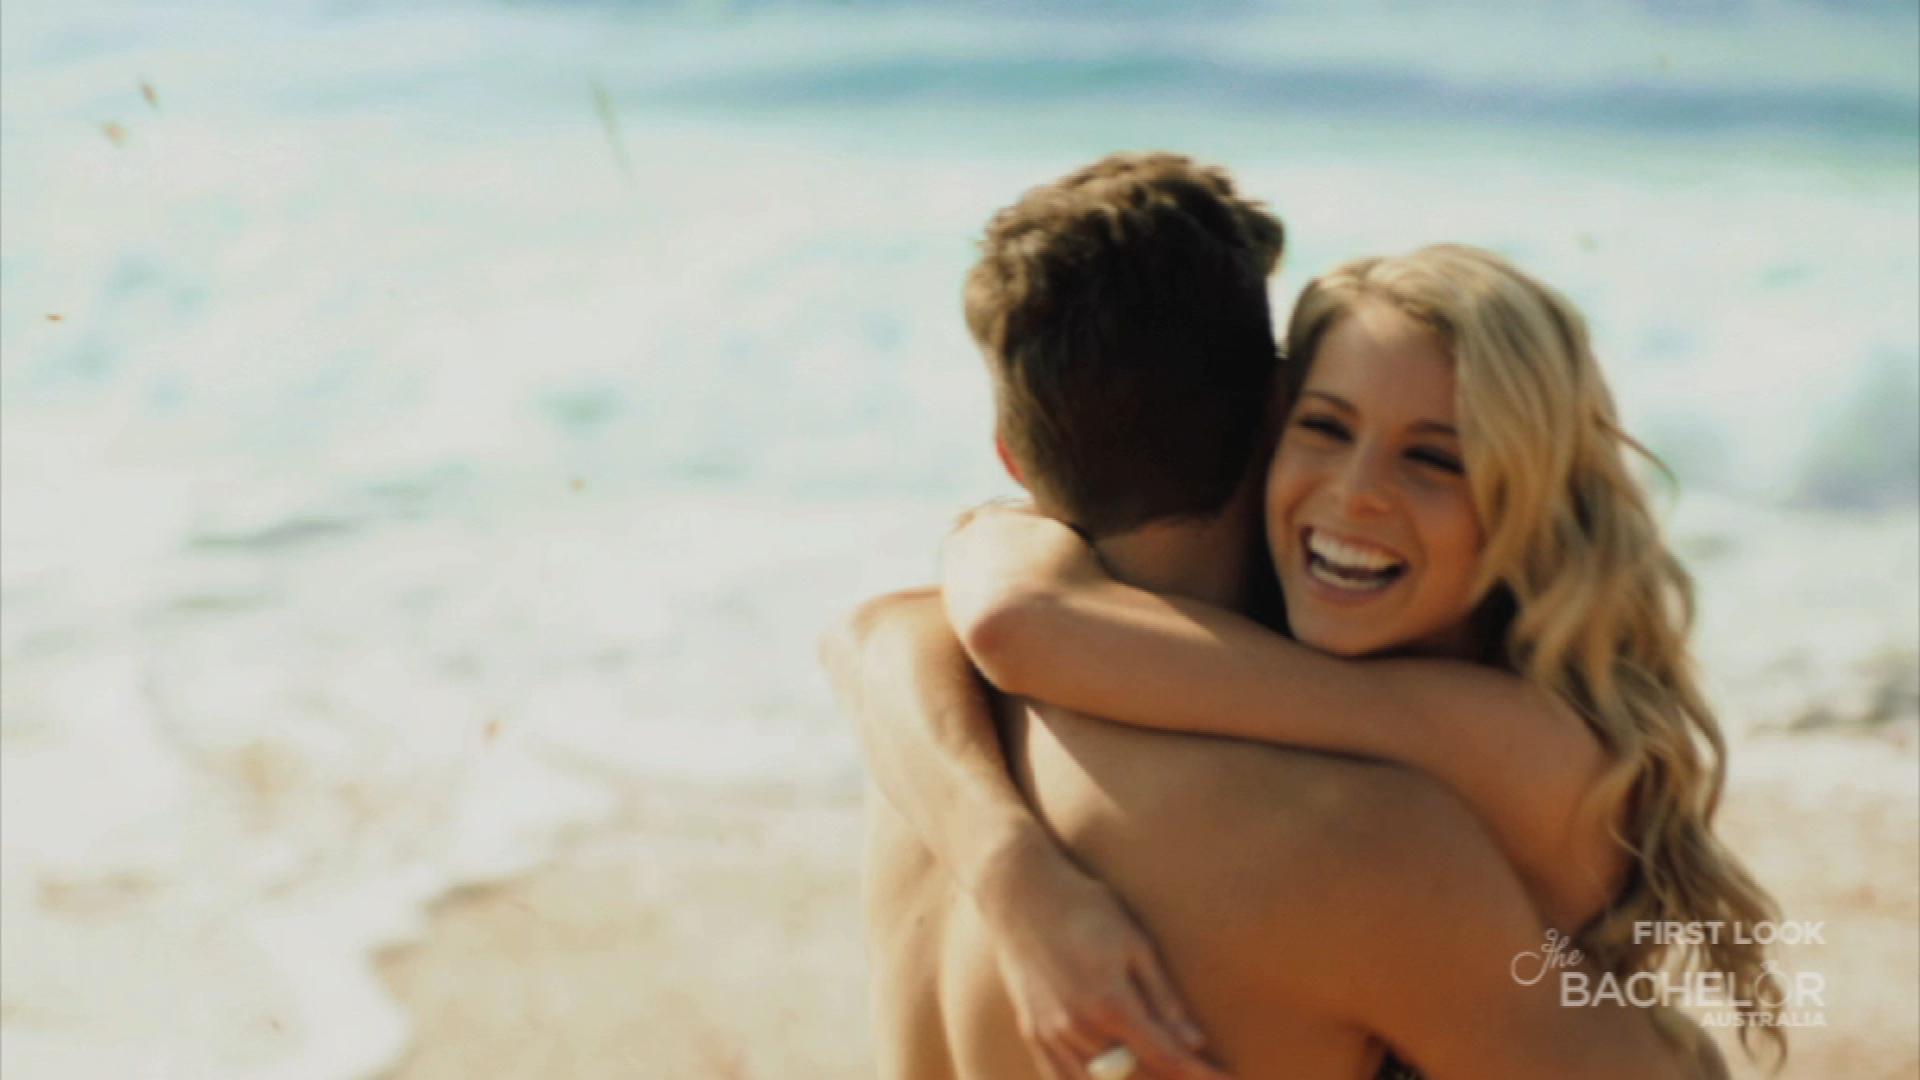 Beach girl.jpg